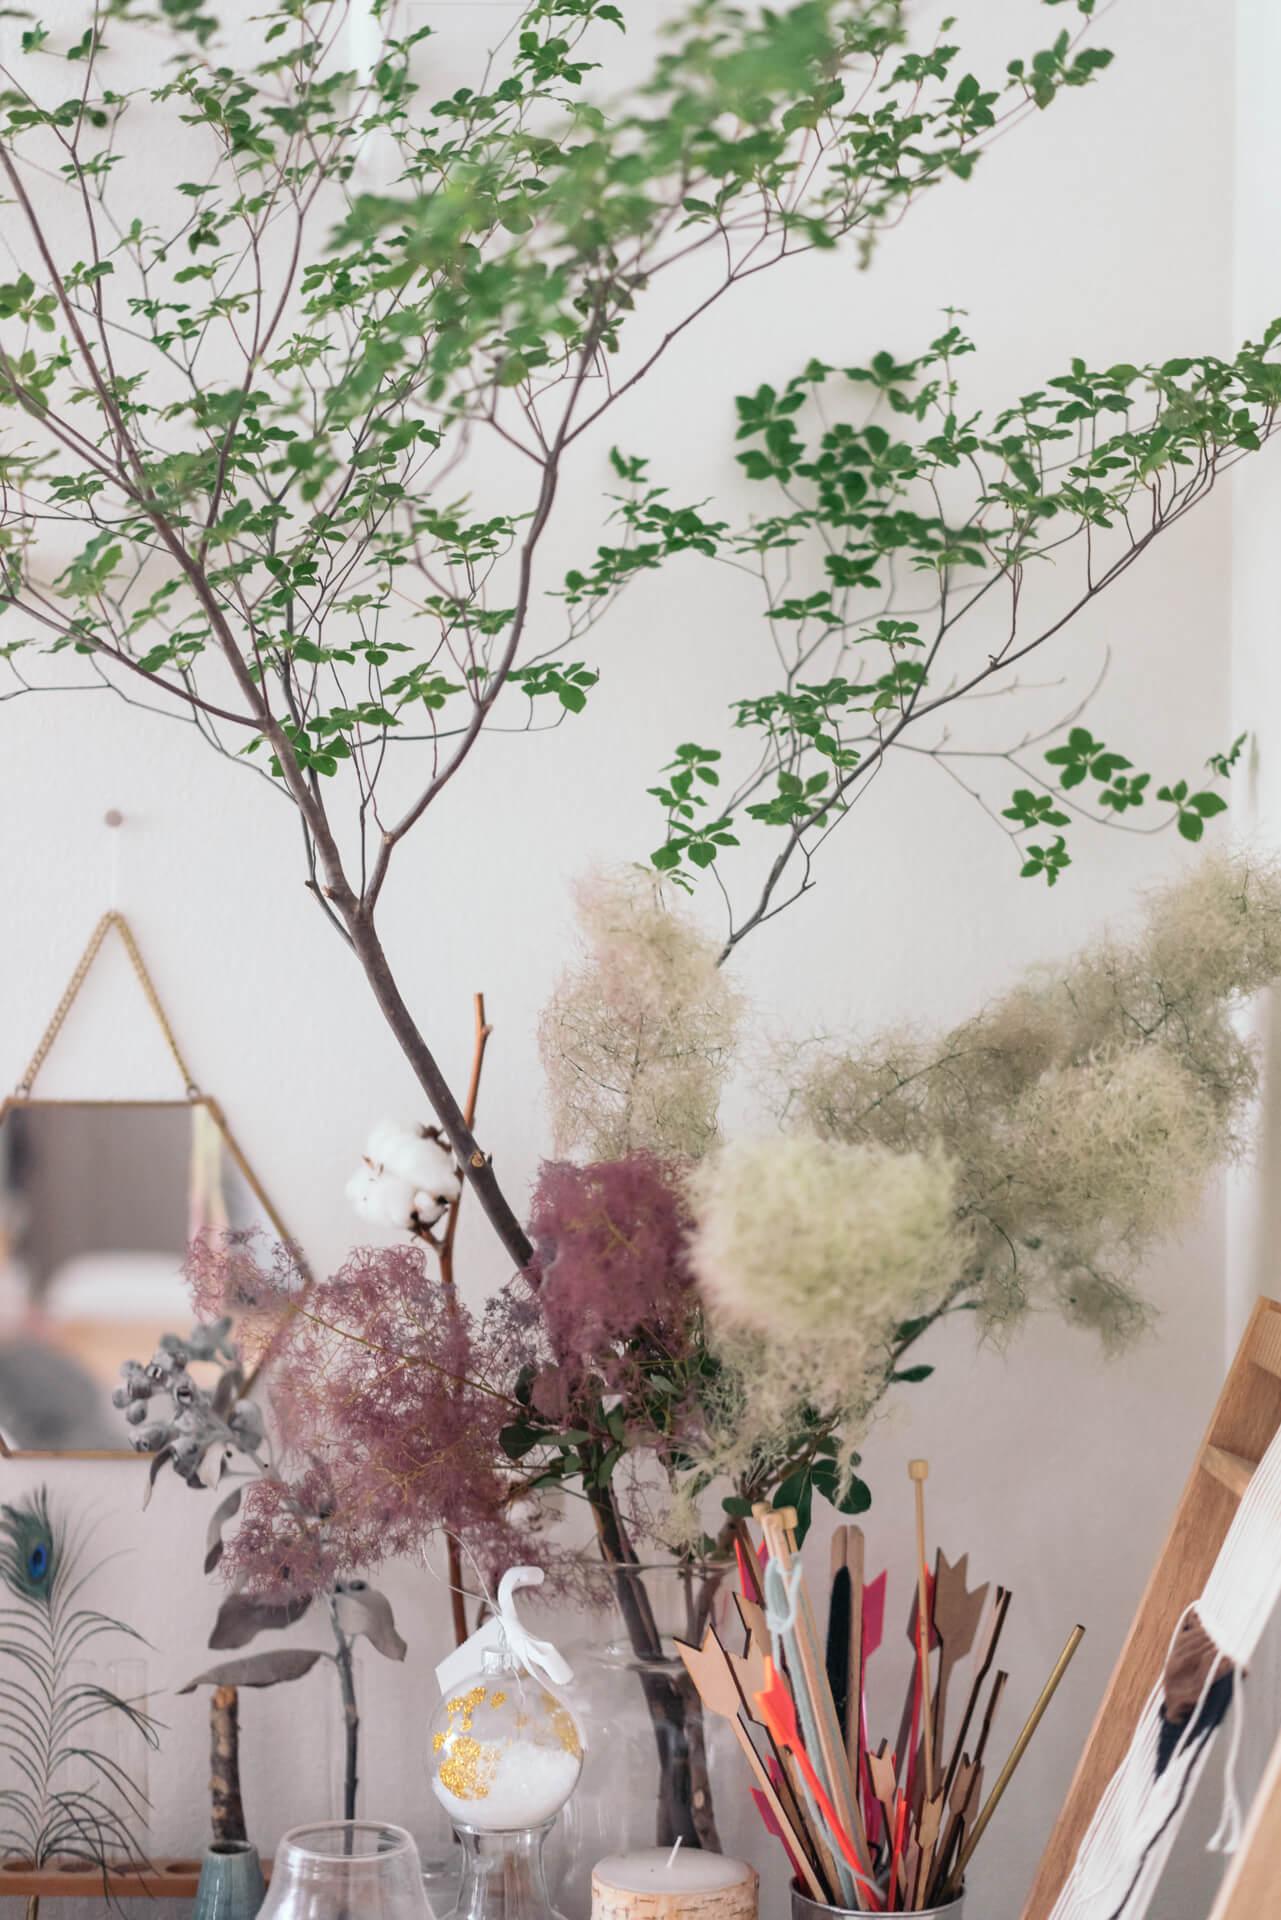 ドウダンツツジやスモークツリーは、枝モノでも数週間は保ち、部屋の雰囲気を一気に華やいだものにしてくれる優れもの。